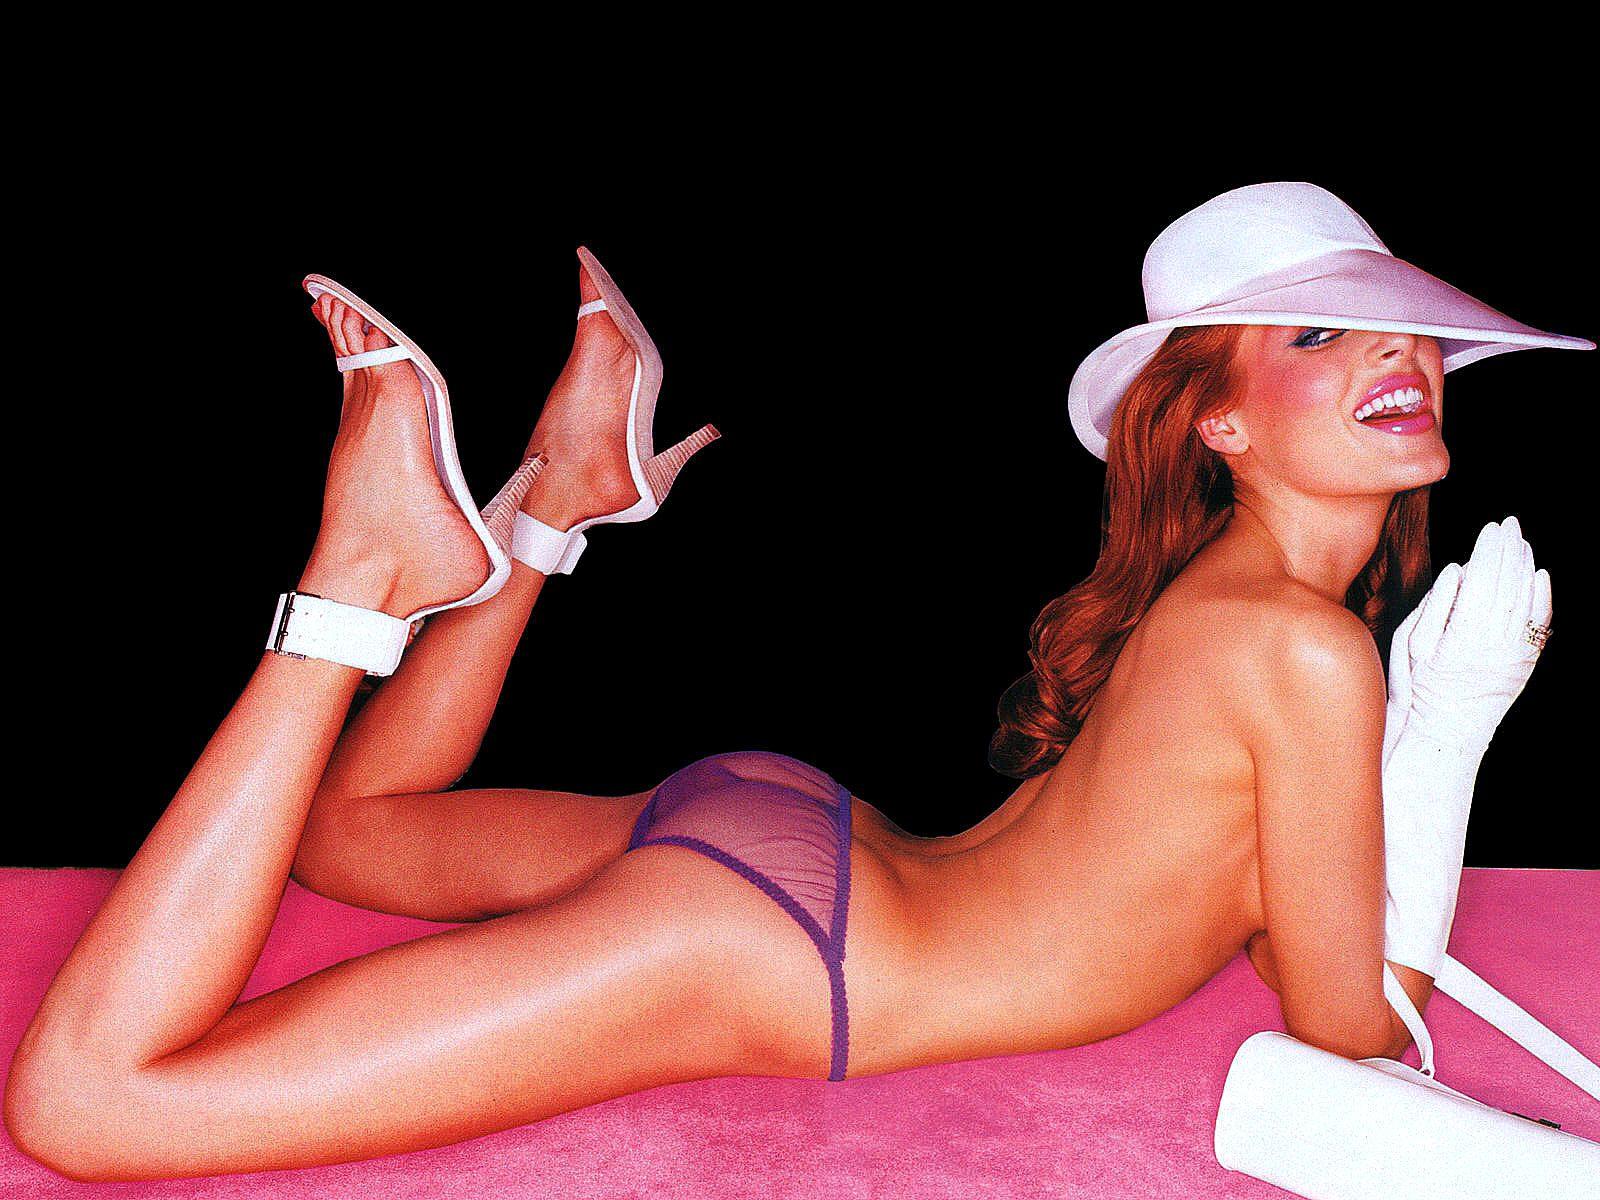 http://1.bp.blogspot.com/-jB5UVPltdTg/T0cBy4_f84I/AAAAAAAAAG4/XPKQuGq37jI/s1600/2276-celebrity_gisele_bundchen_wallpaper.jpg